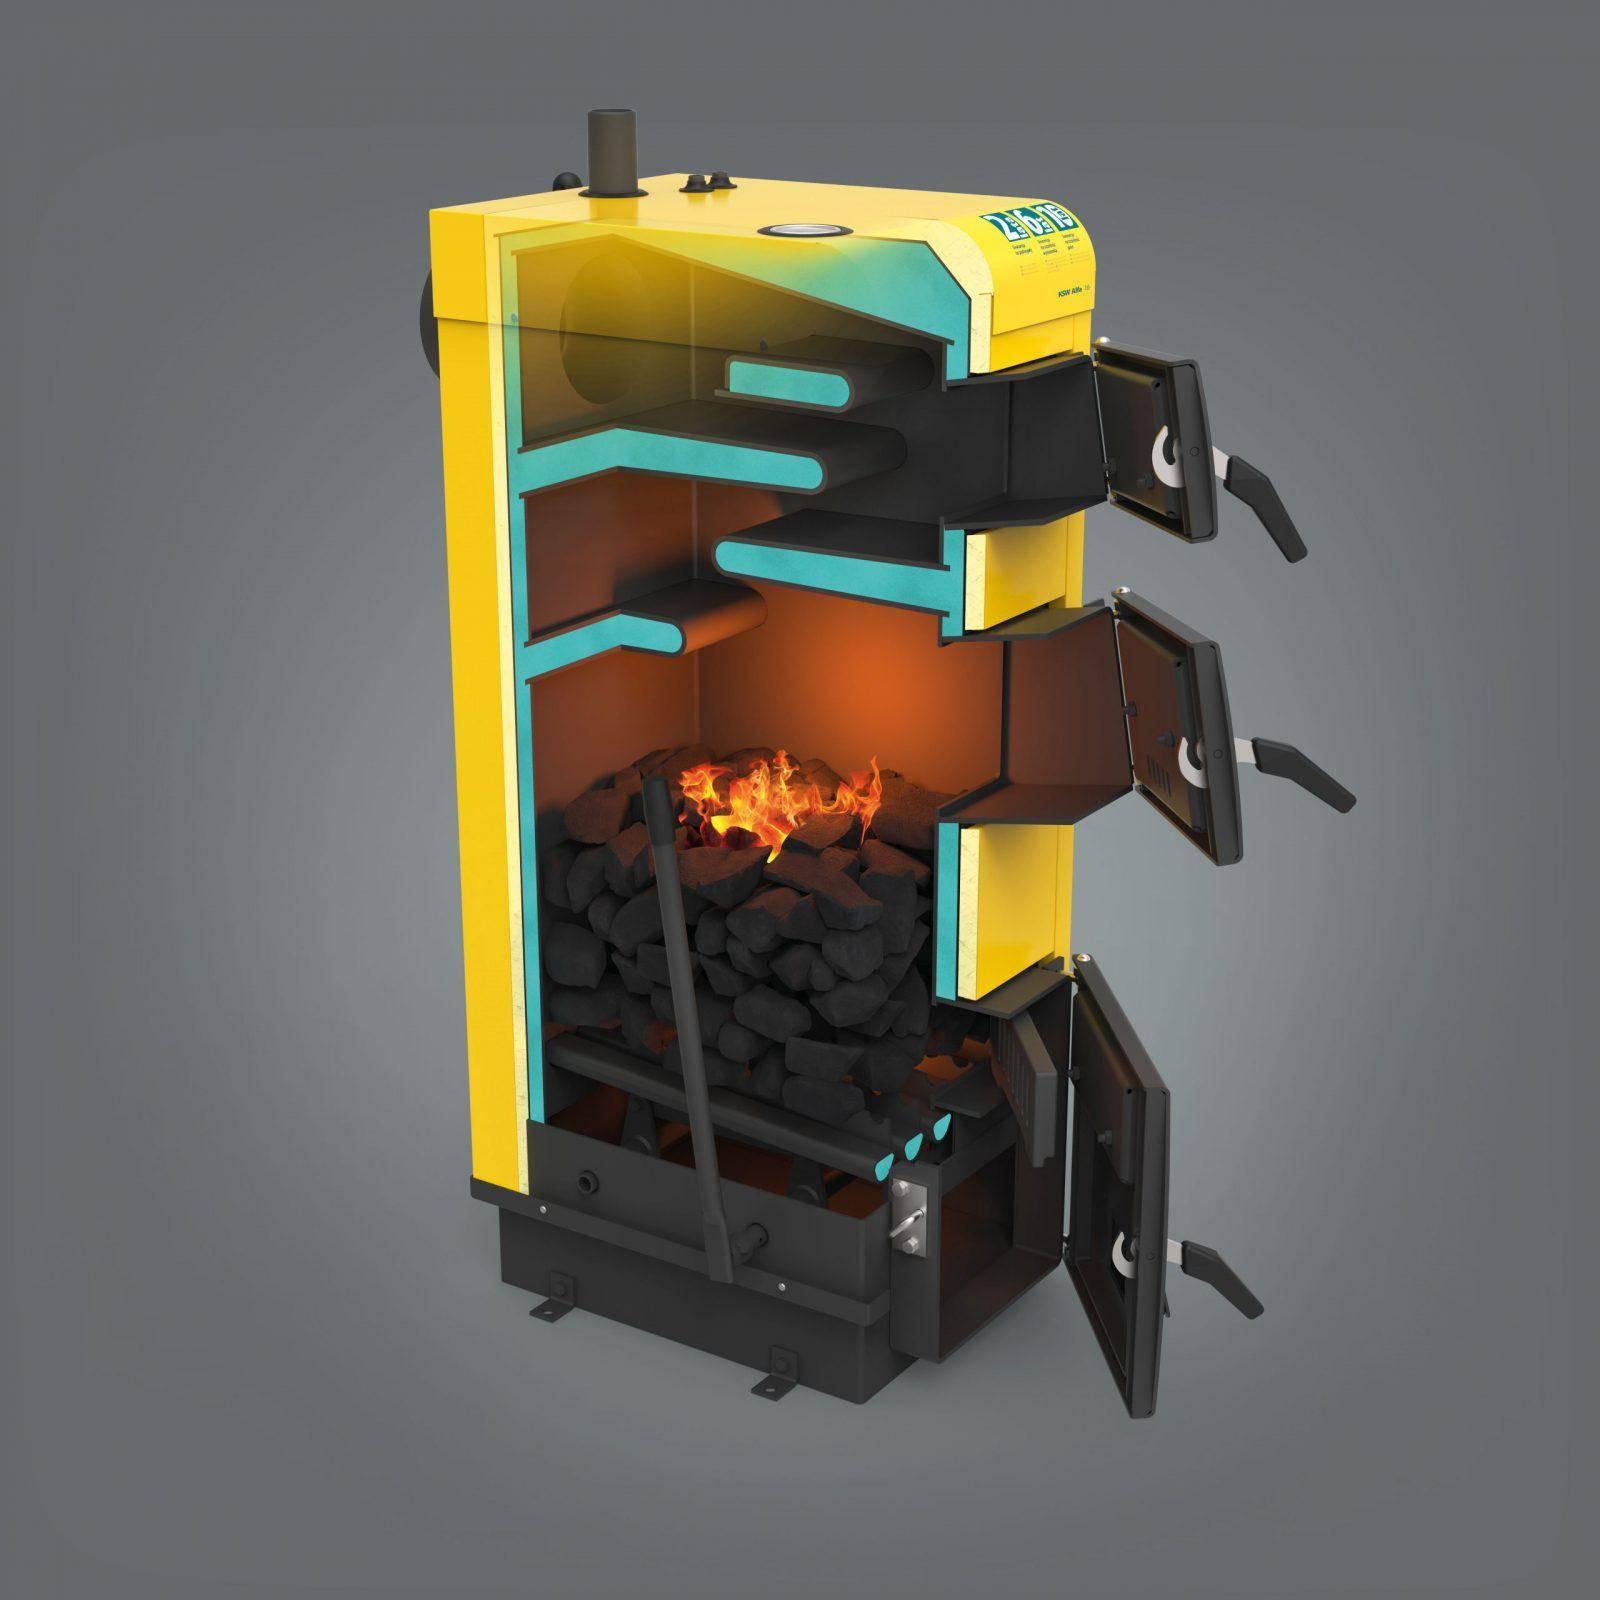 Котел длительного горения (71 фото): отопительный прибор «холмова» с водяным контуром для дома, шахтный продукт длительностью горения до 7 суток